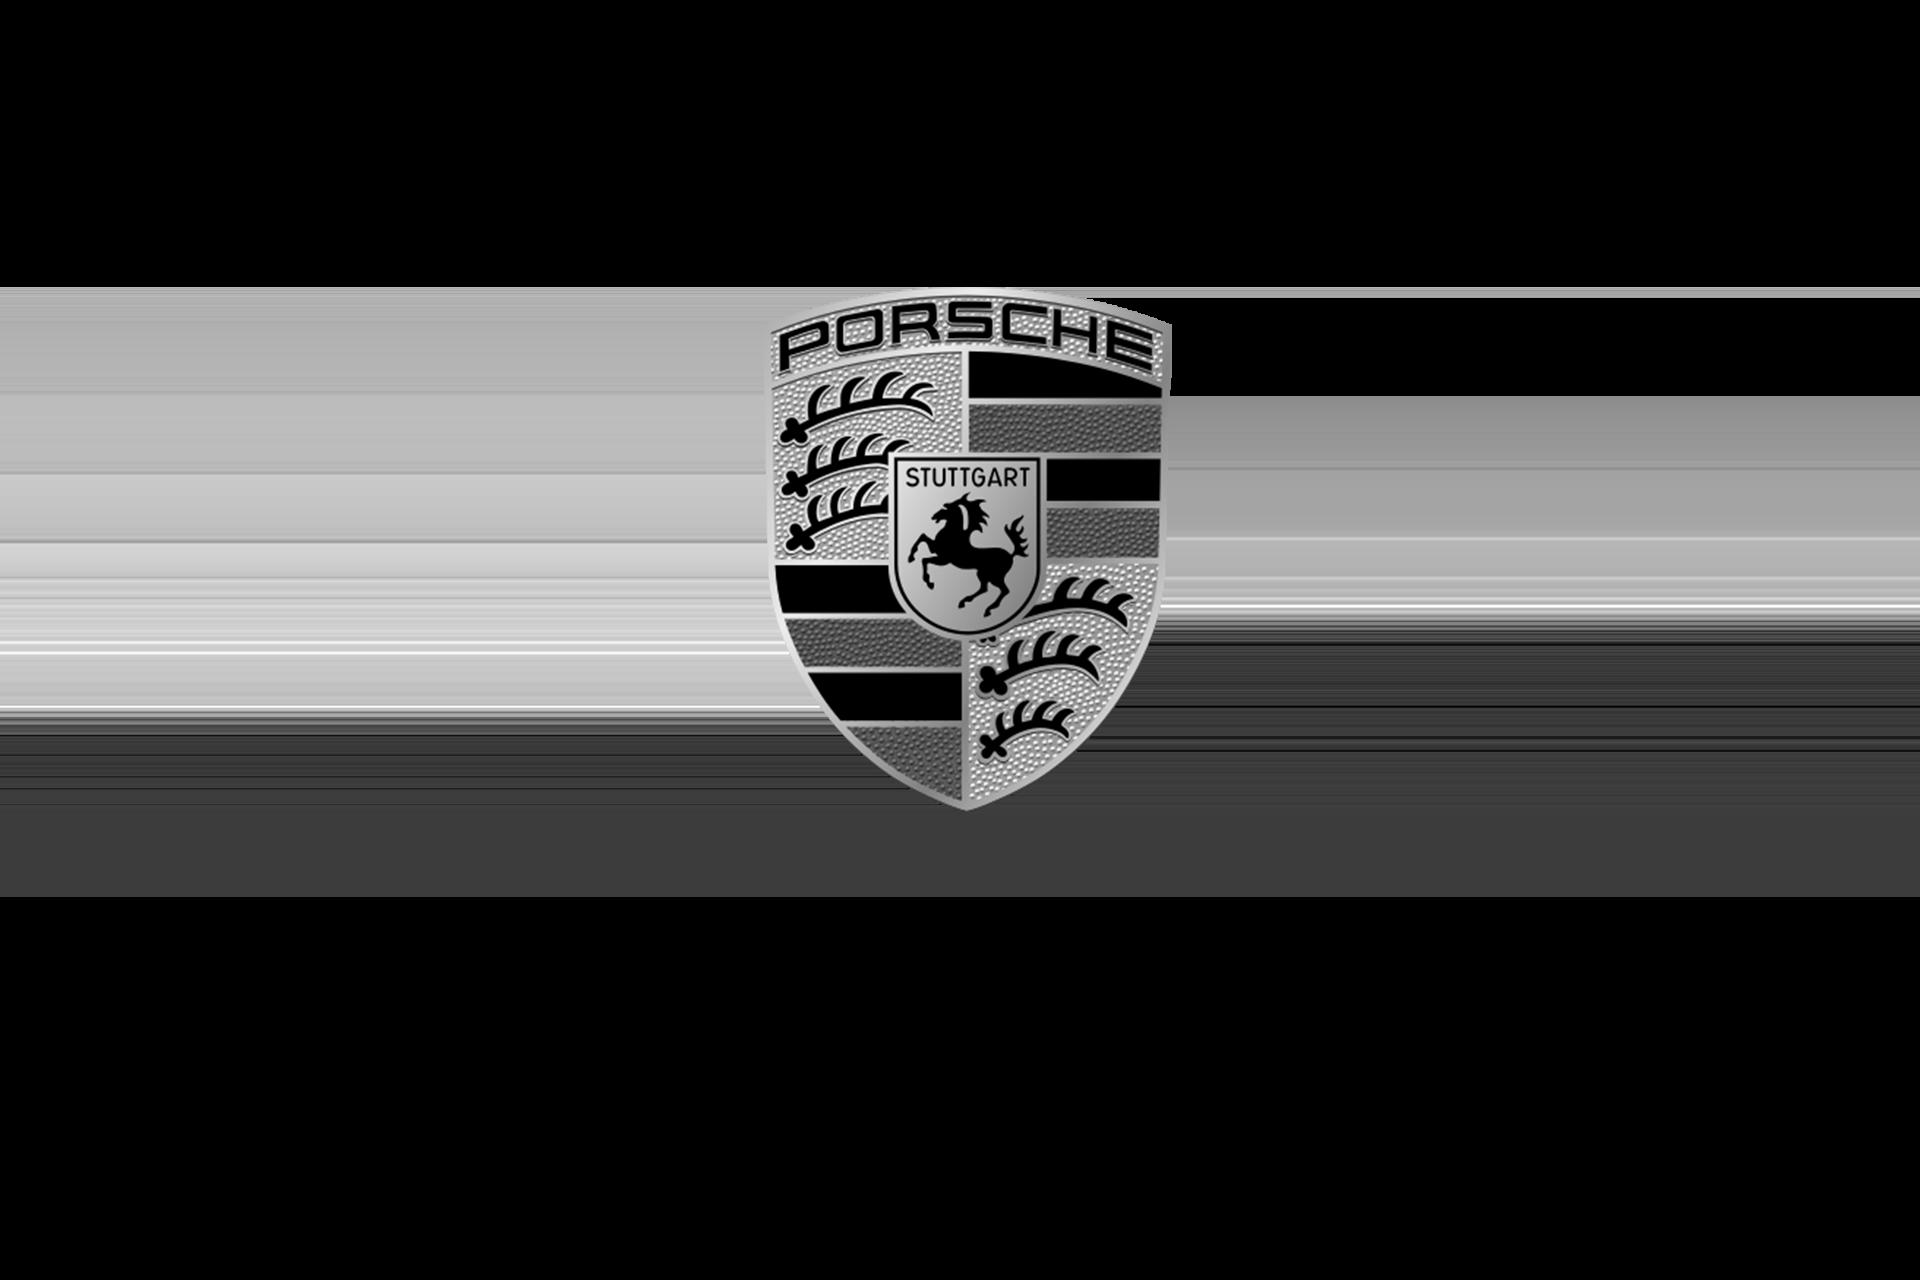 porsche referenz jentner metallveredelung logo sw